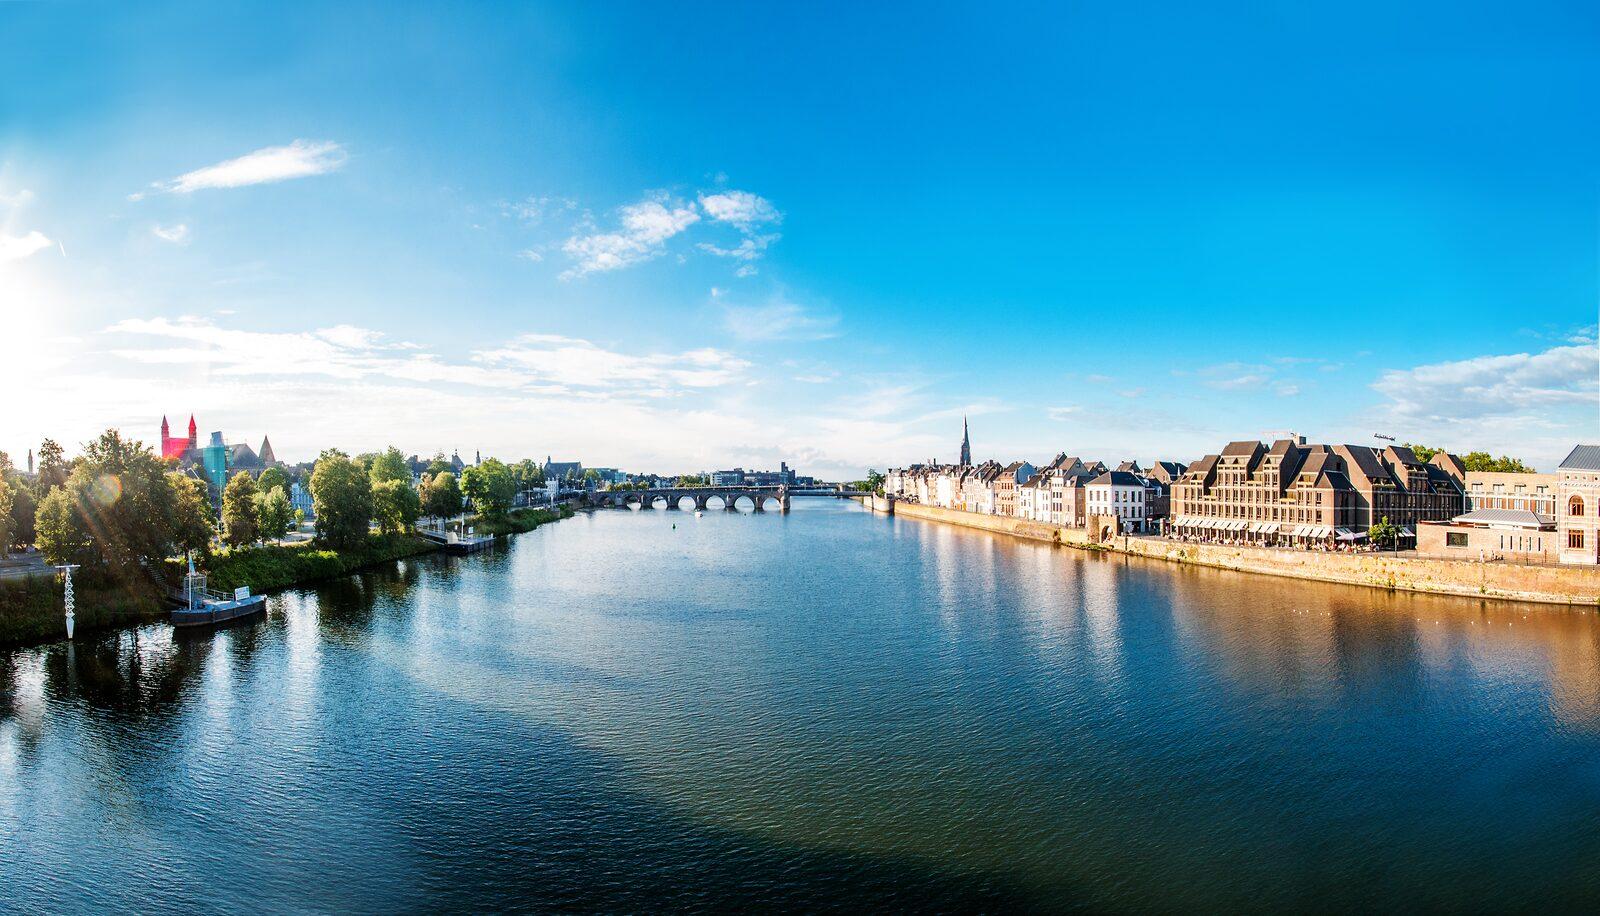 Ferienanlage Maastricht